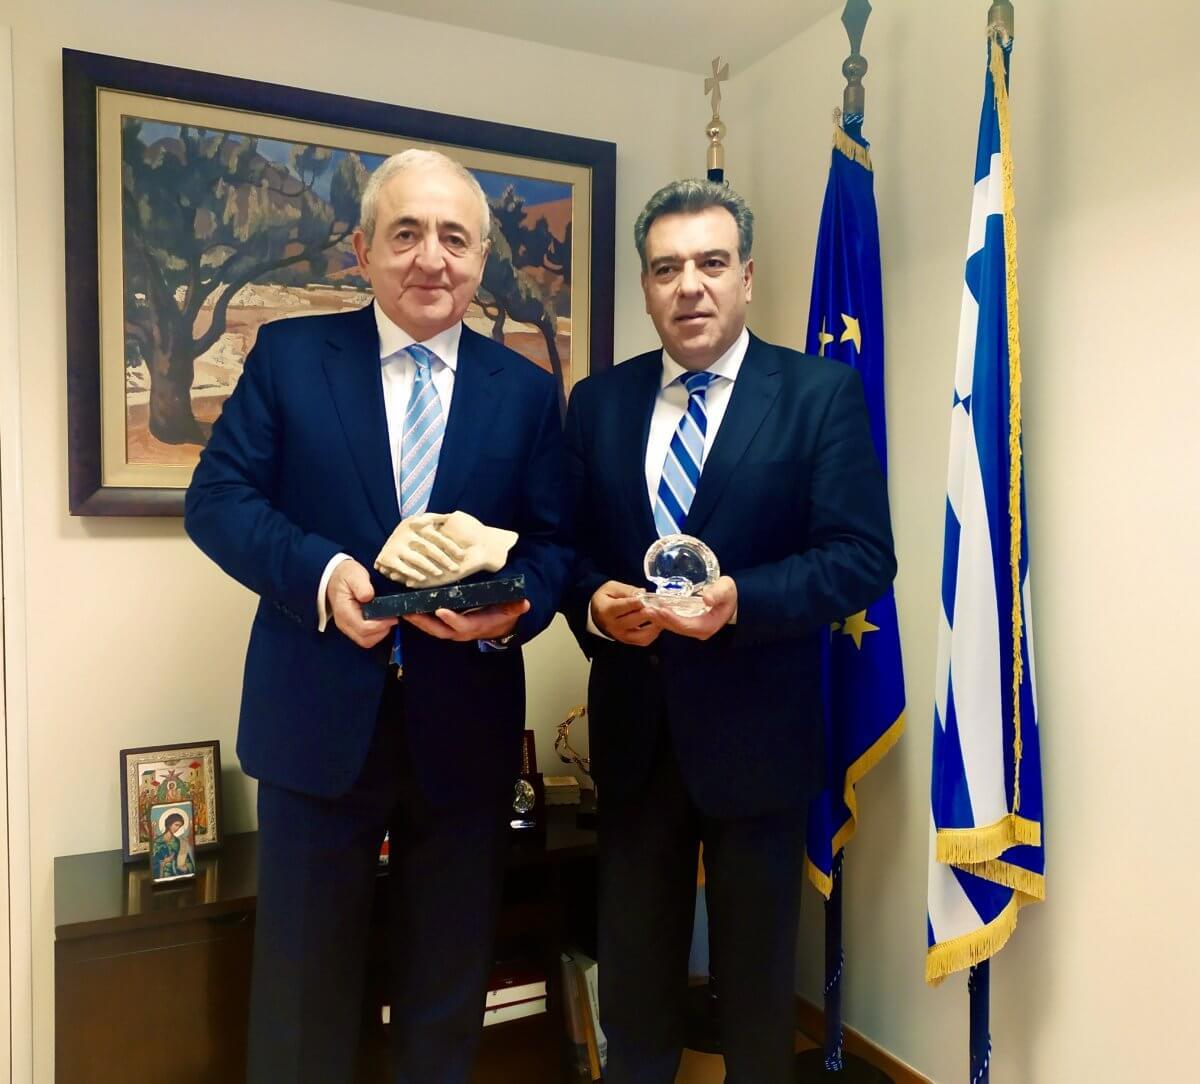 Κόνσολας: «Συνεργασία των χωρών της μαύρης Θάλασσας για τον τουρισμό και την τουριστική εκπαίδευση, με επίκεντρο την Ελλάδα»